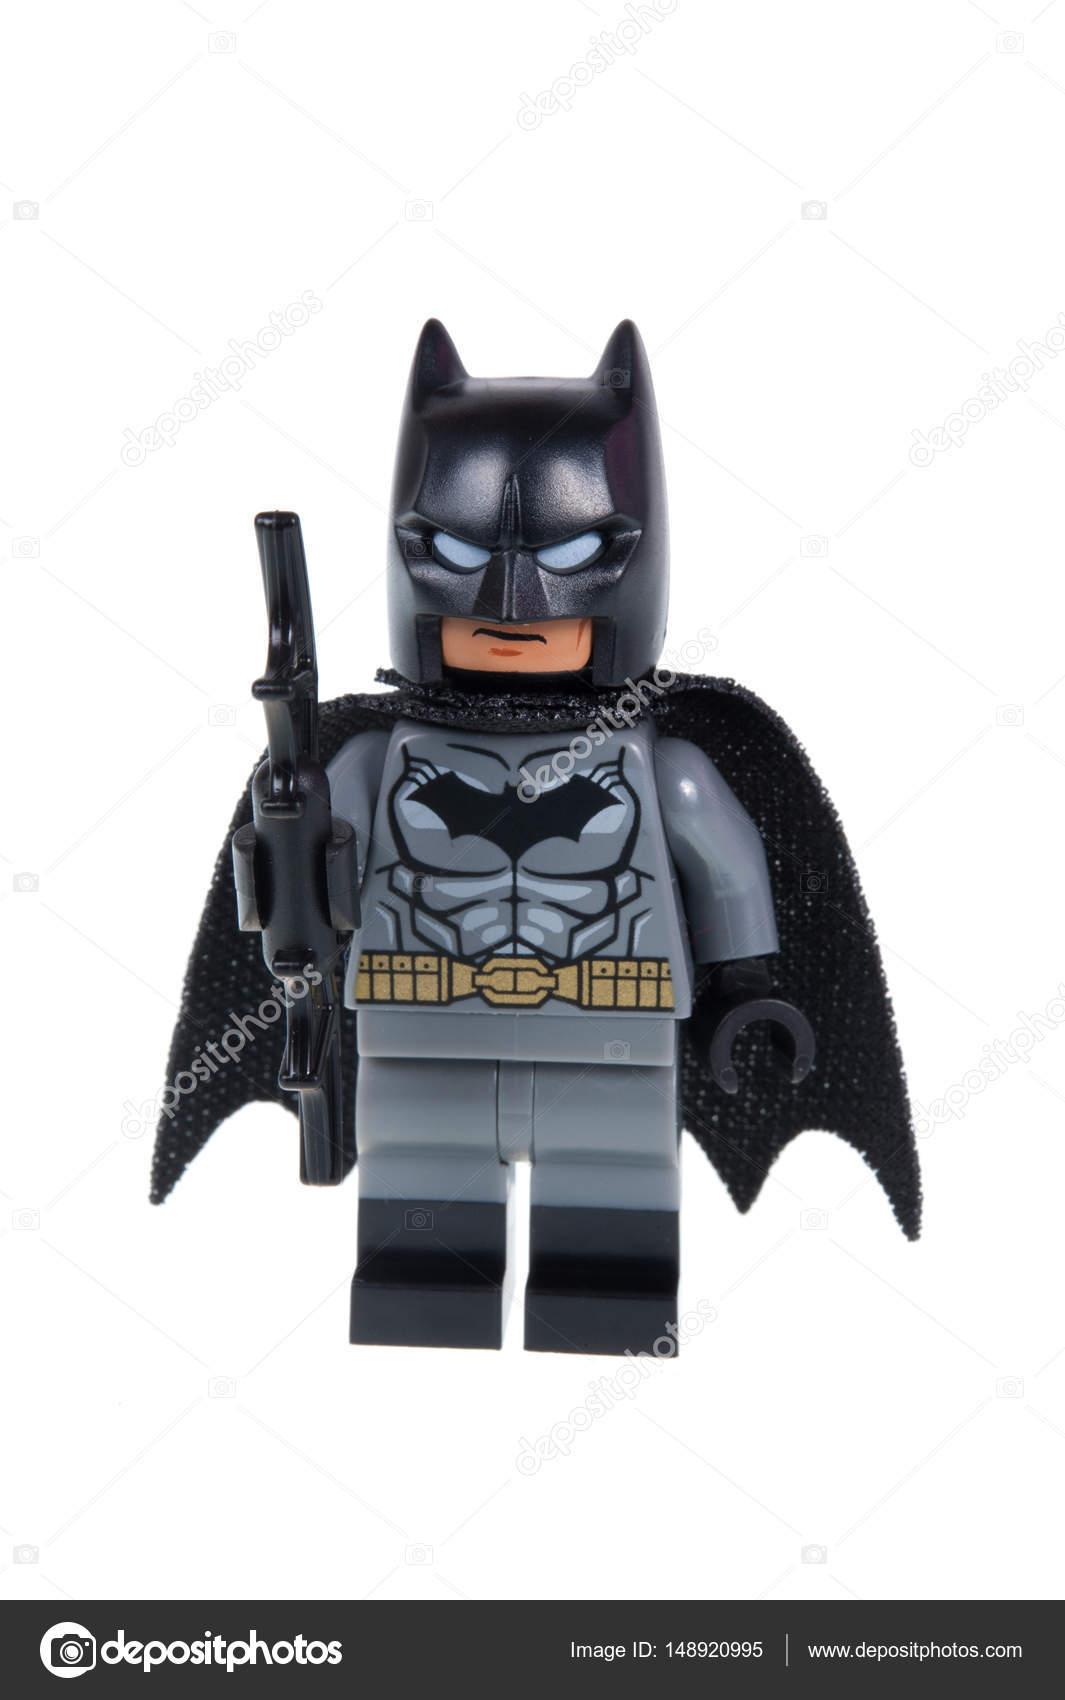 バットマンのレゴ ミニフィギュア ストック編集用写真 ctrphotos